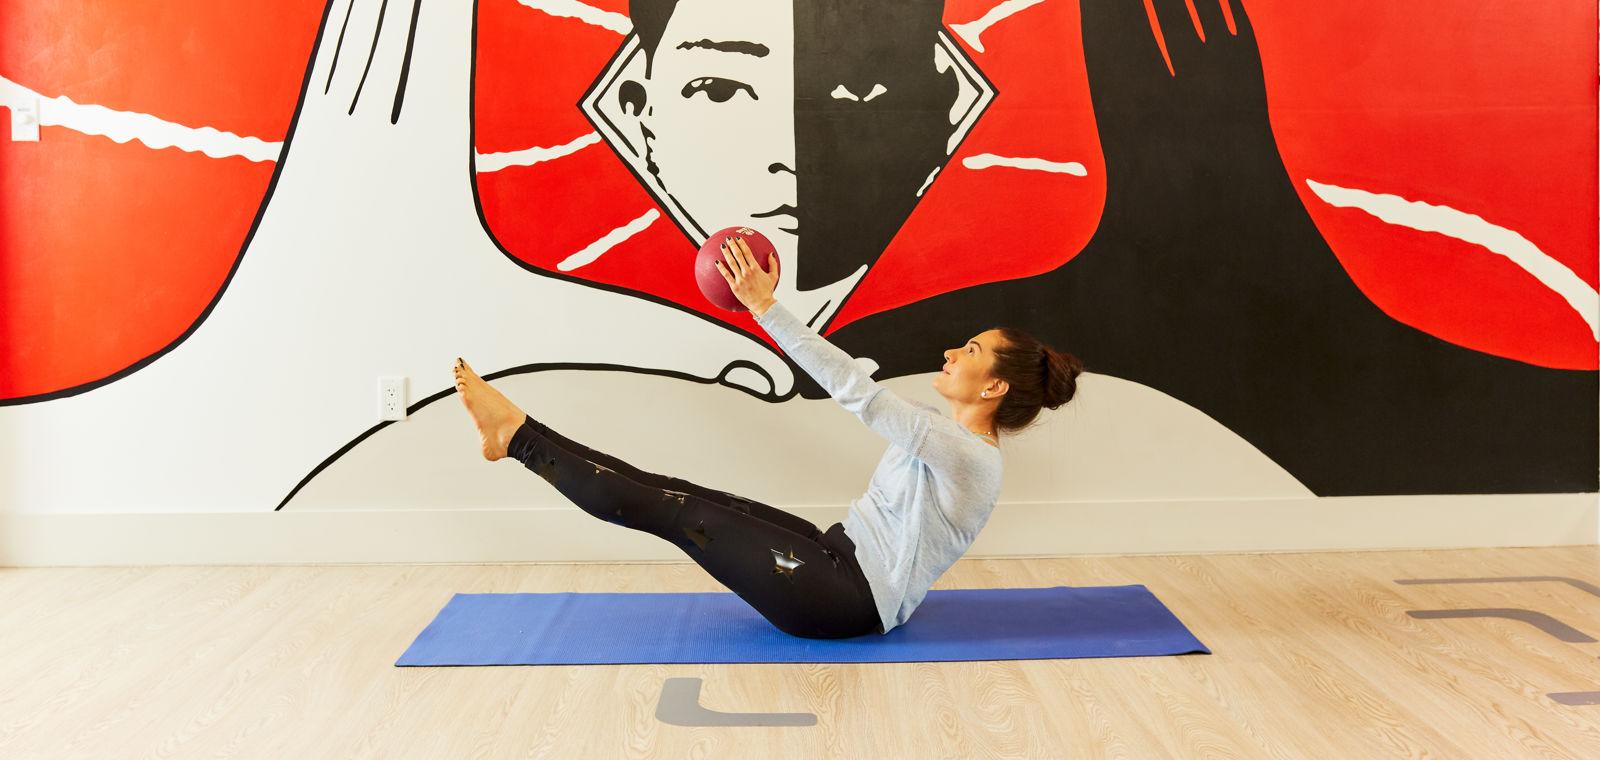 HotelKabuki_Fitness_Yoga3_Lifestyle_web